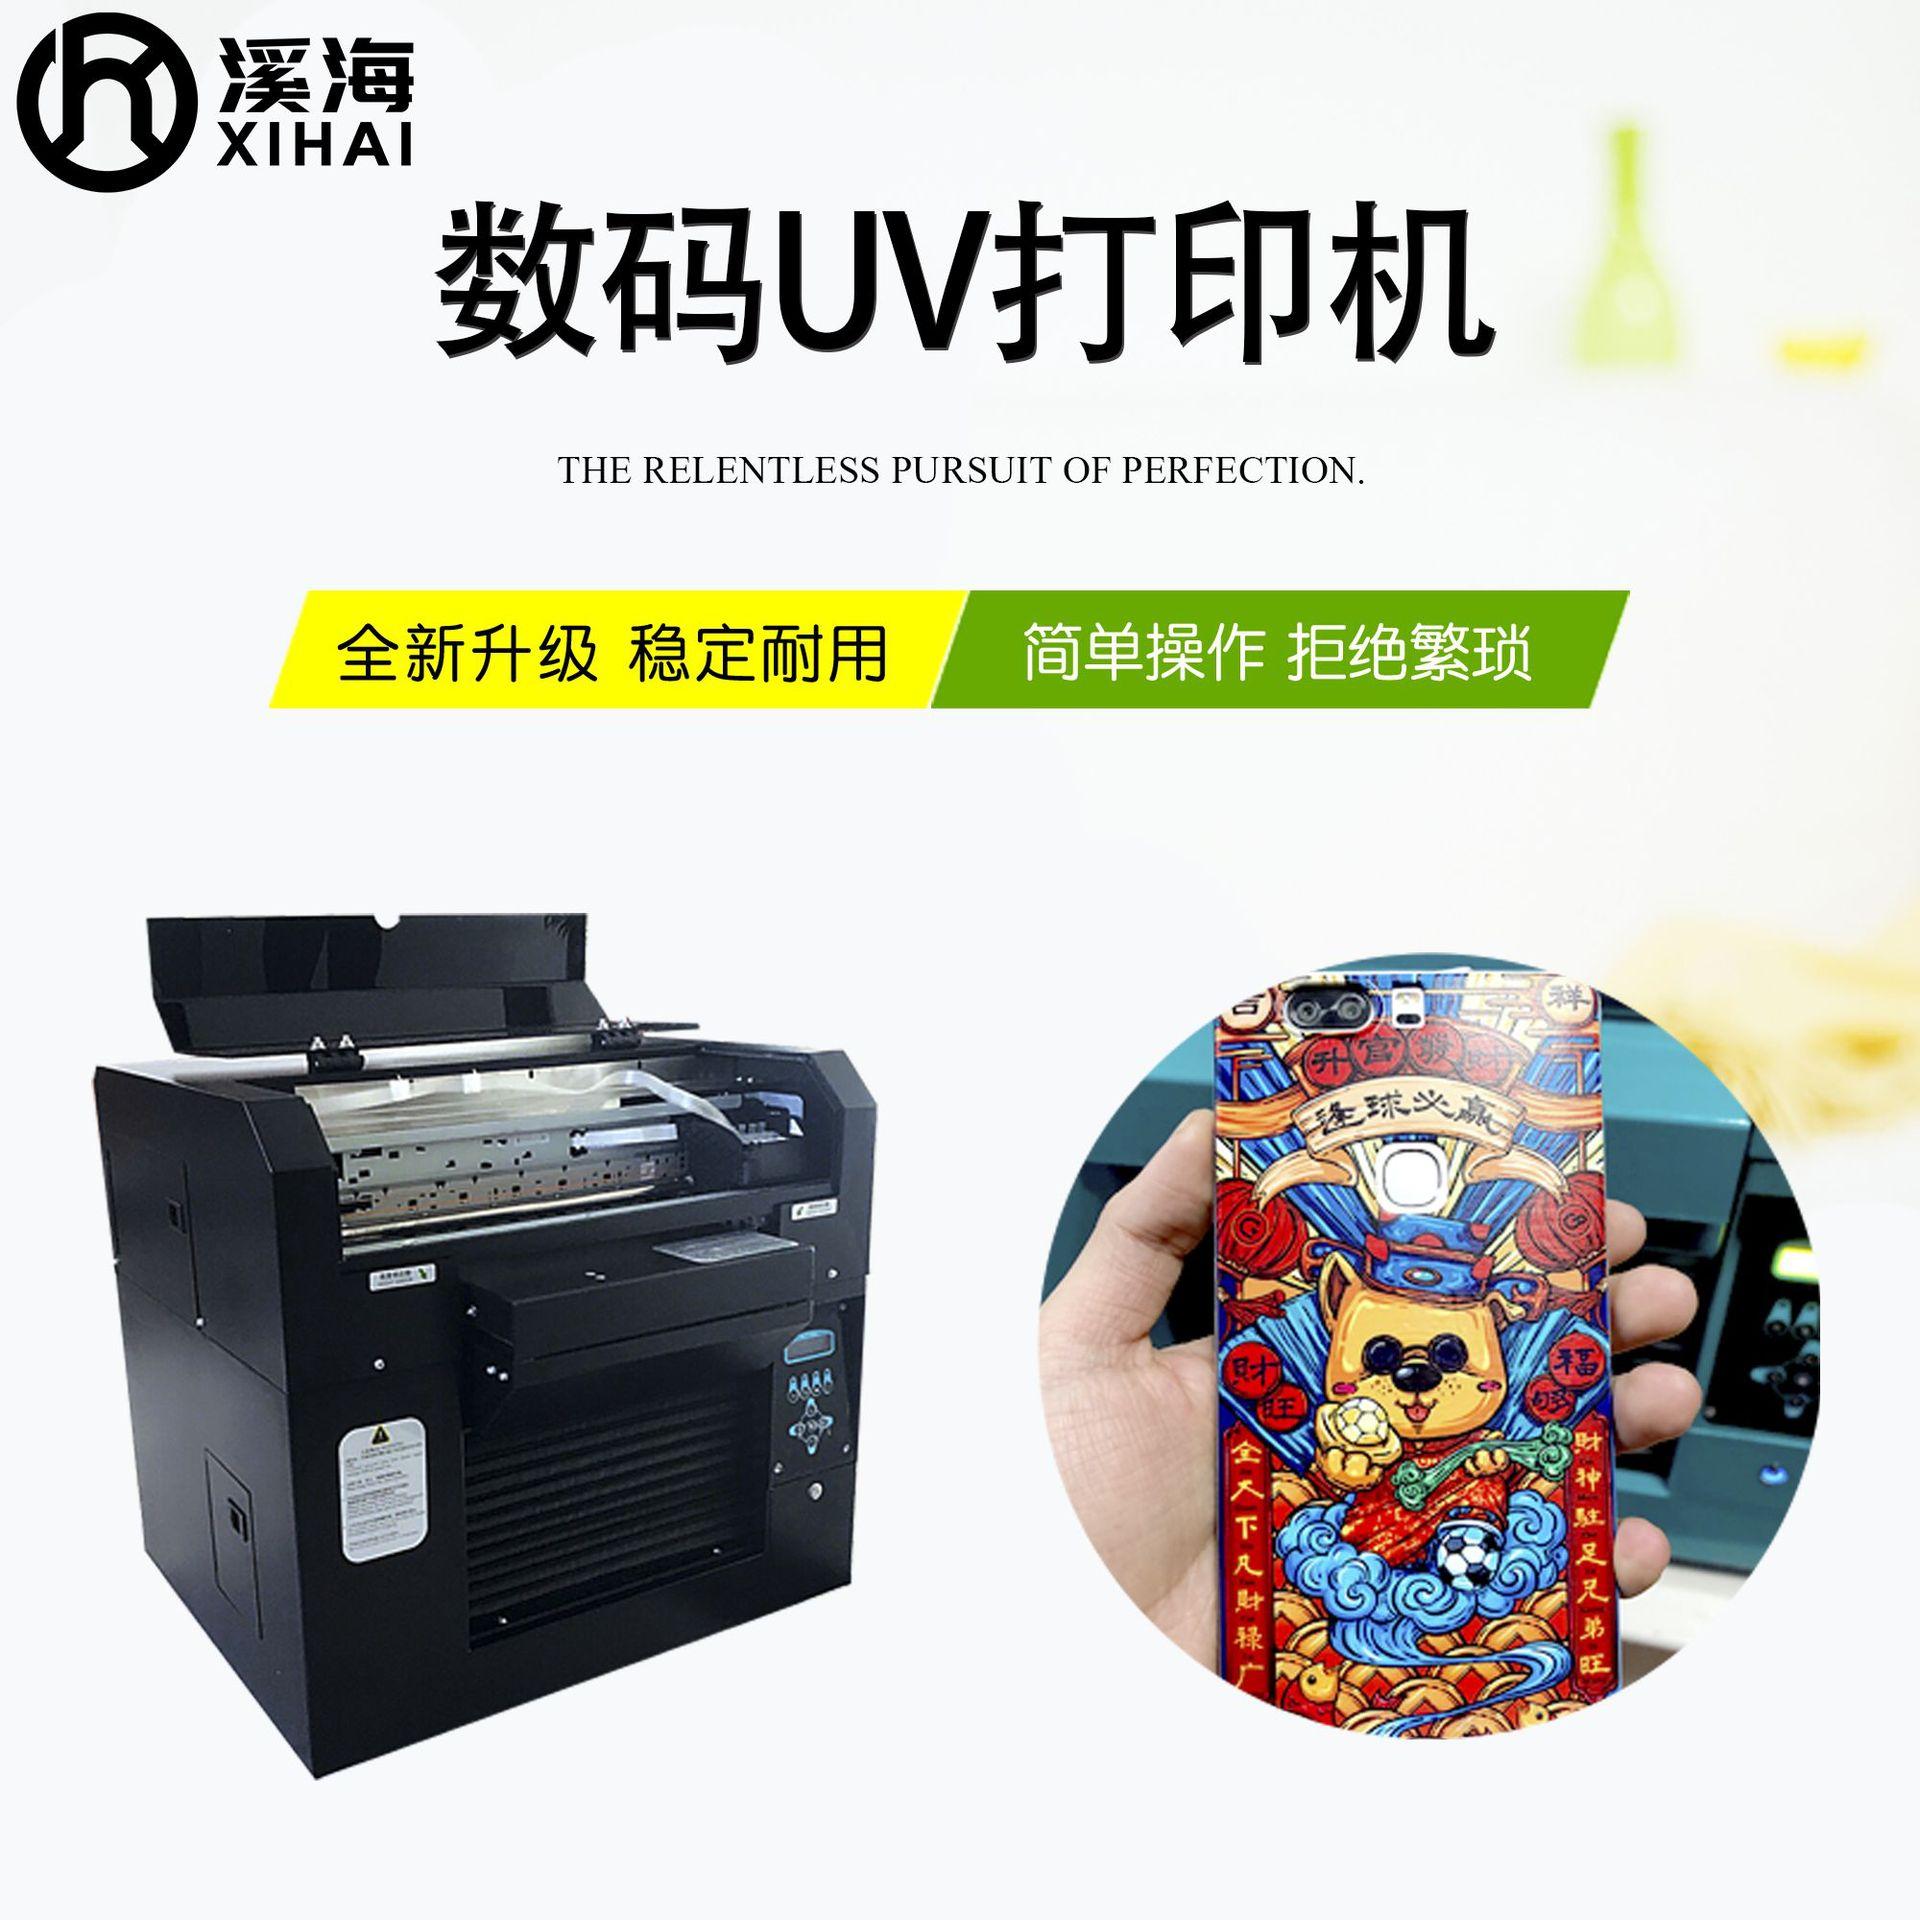 手机壳打印机PVC卡印花机卡片打印机uv平板打印机厂家直销